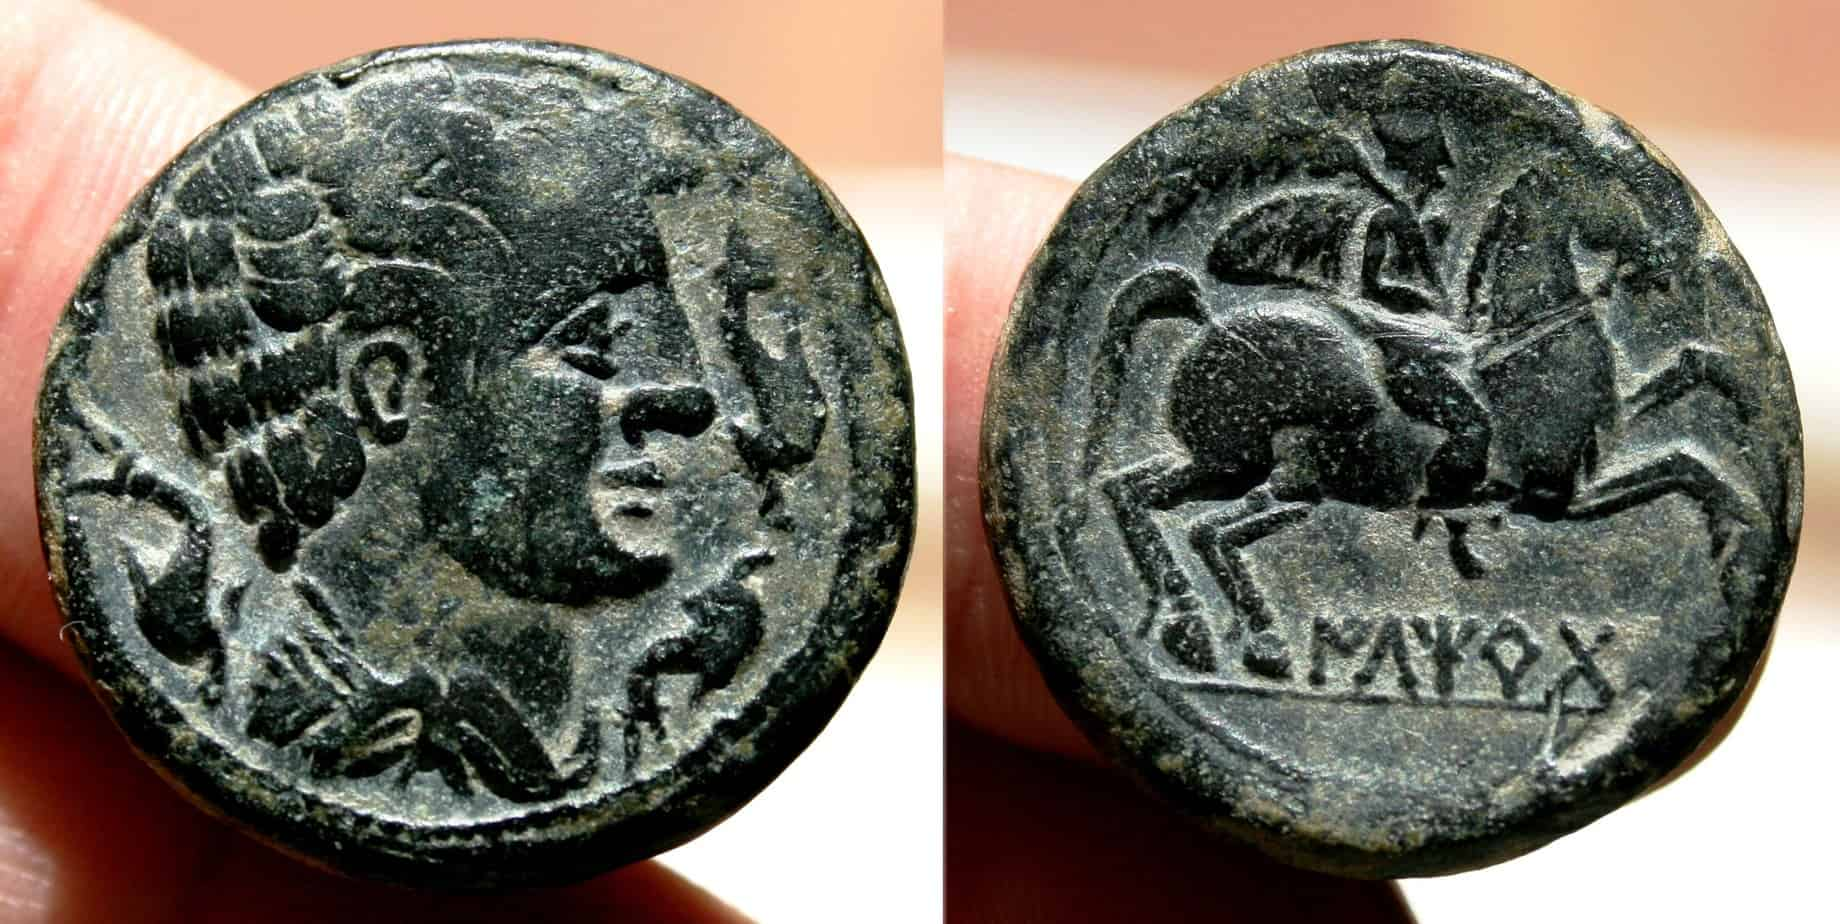 Monedas robadas ayer, día 6 de abril de 2018, en la convención de Sevilla. As-Iltirta